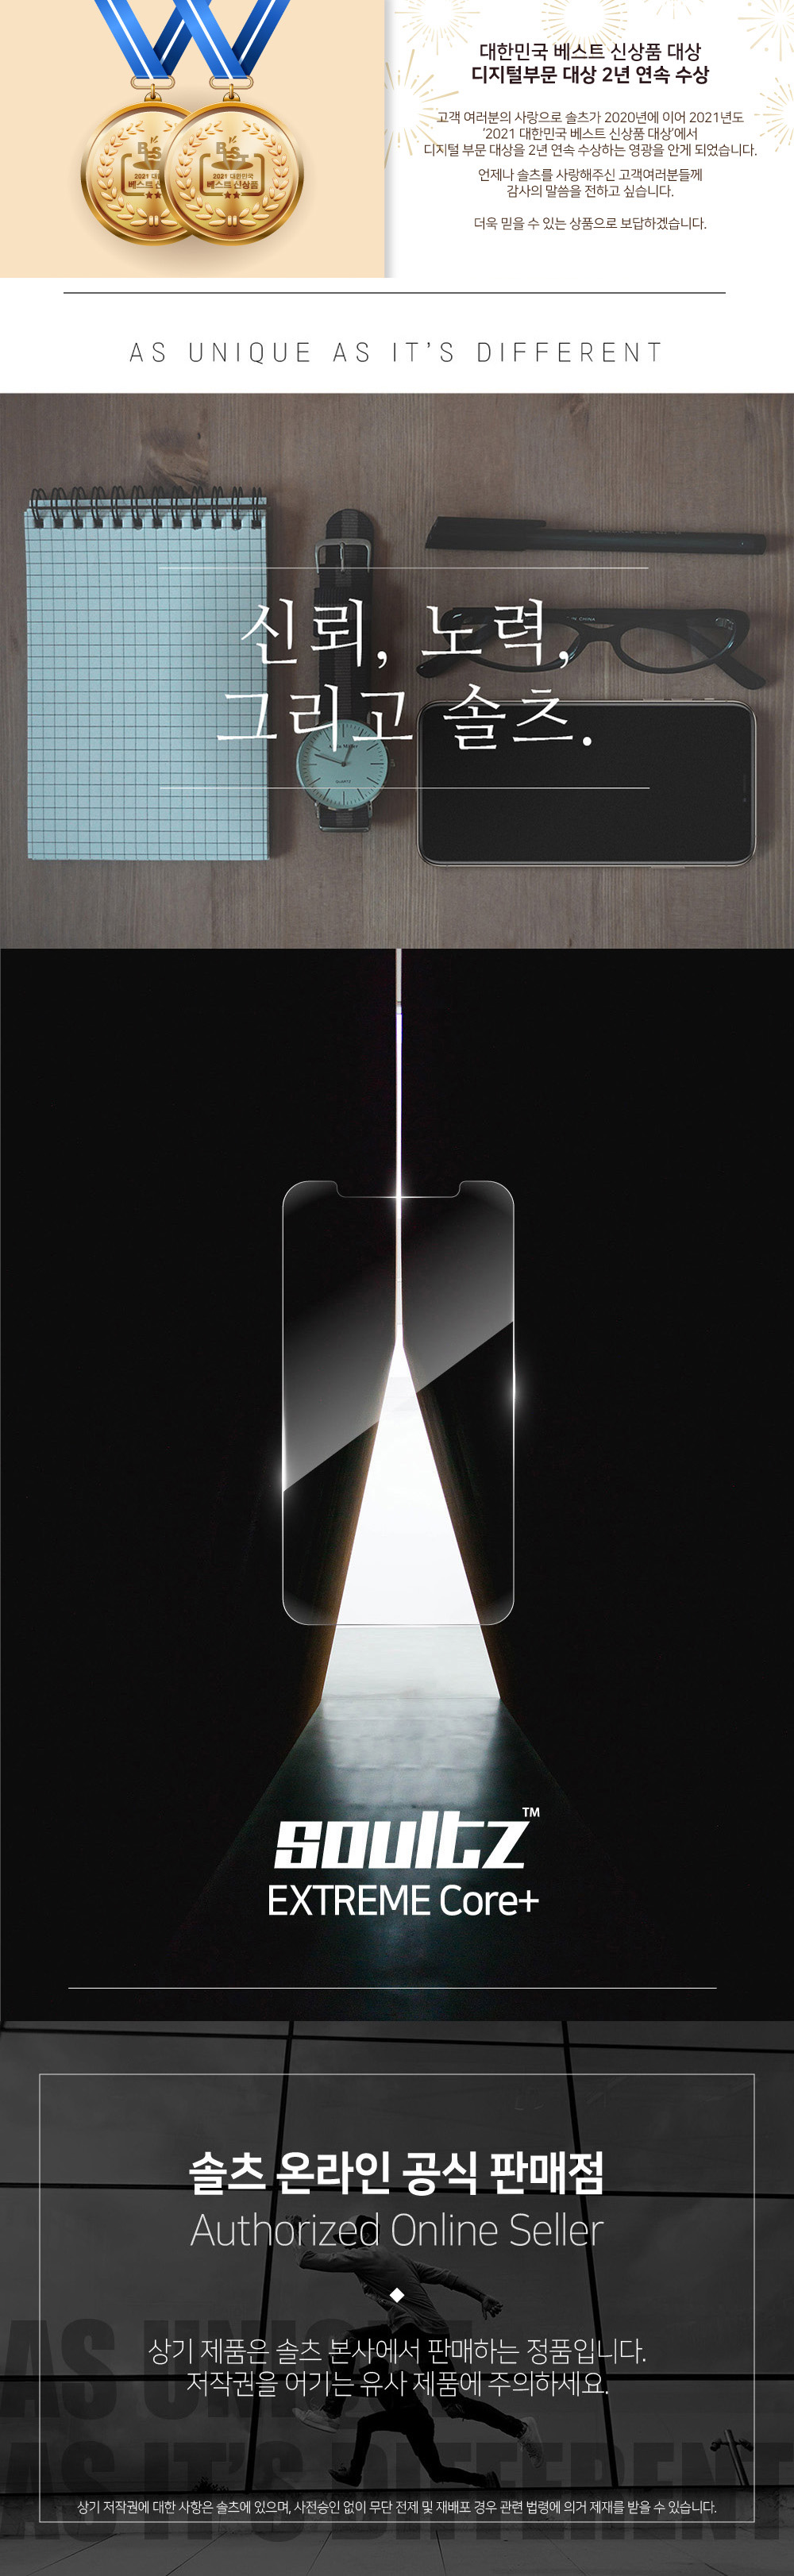 솔츠 아이폰 11 프로 맥스 필름 강화유리8,900원-솔츠디지털, 애플, 필름, 아이폰 11 Pro MAX바보사랑솔츠 아이폰 11 프로 맥스 필름 강화유리8,900원-솔츠디지털, 애플, 필름, 아이폰 11 Pro MAX바보사랑